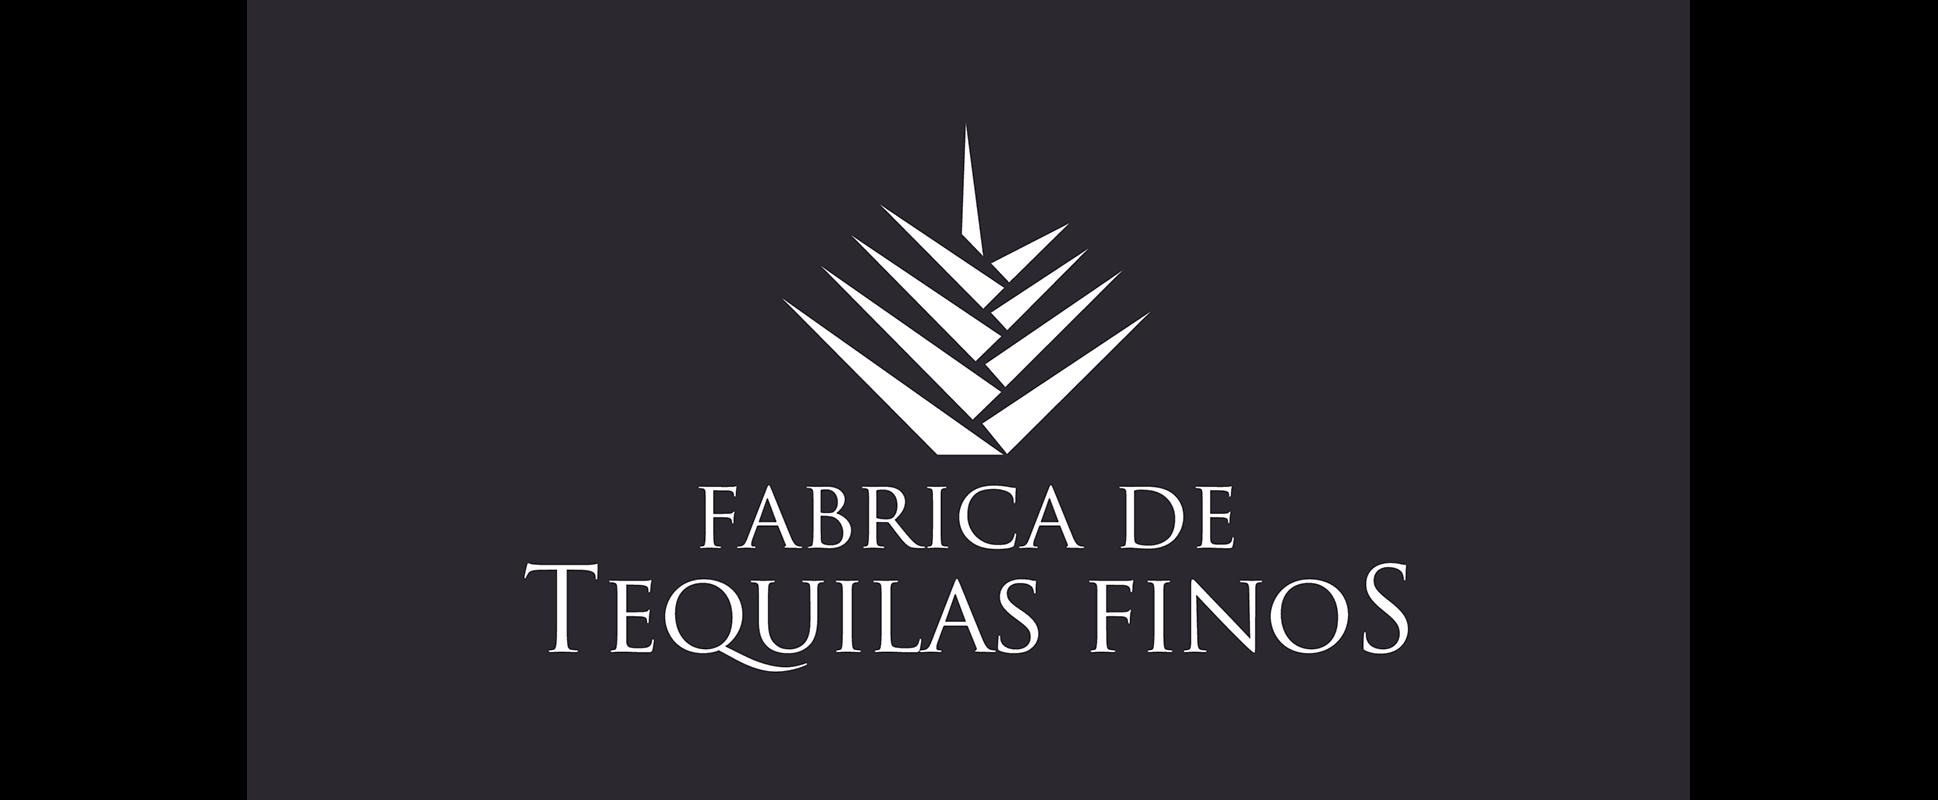 Fabrica De Tequila Finos Logo